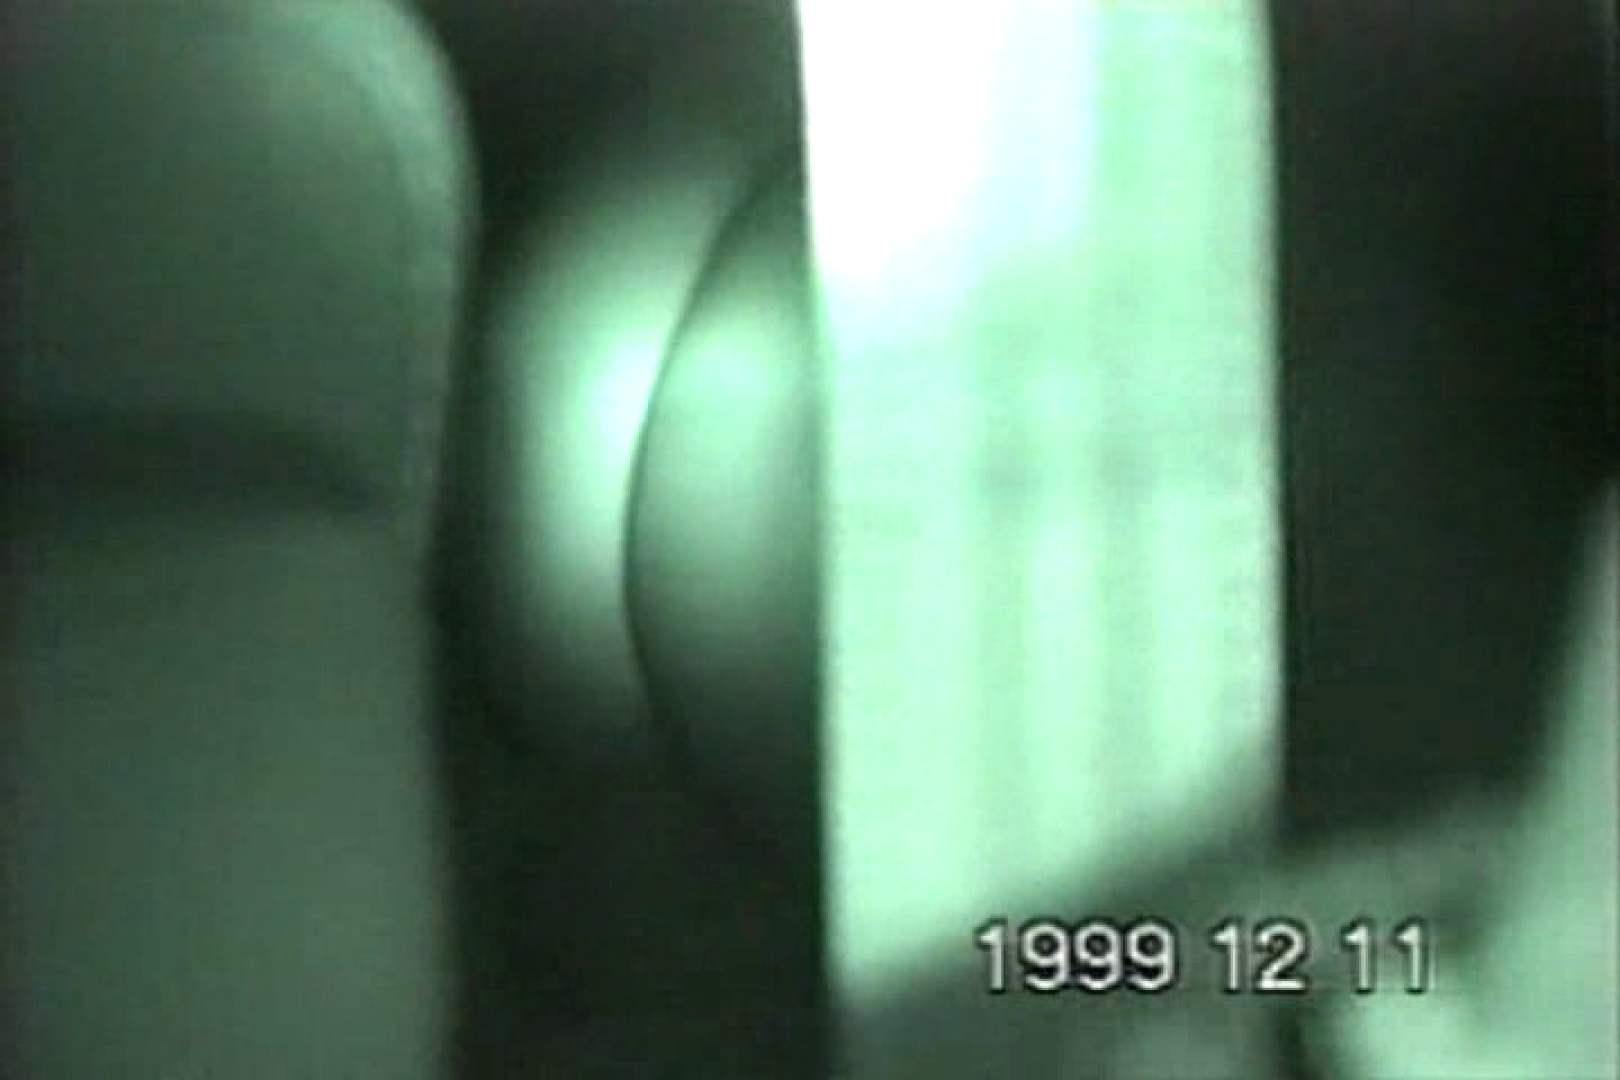 蔵出し!!赤外線カーセックスVol.7 女性の肛門  107画像 49